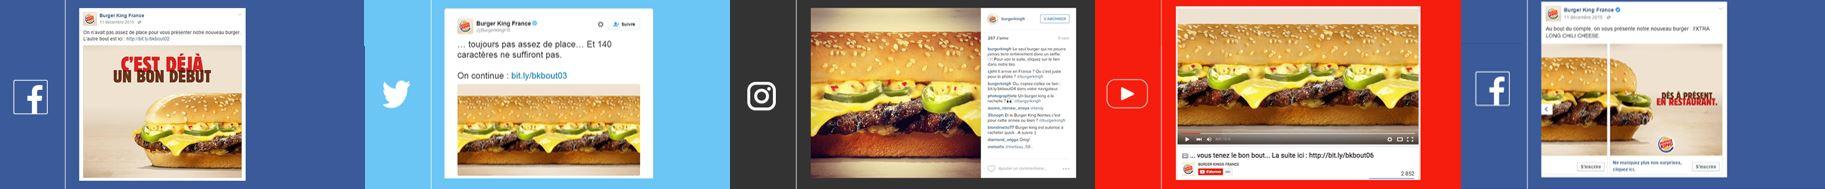 Publicité innovante de Burger King